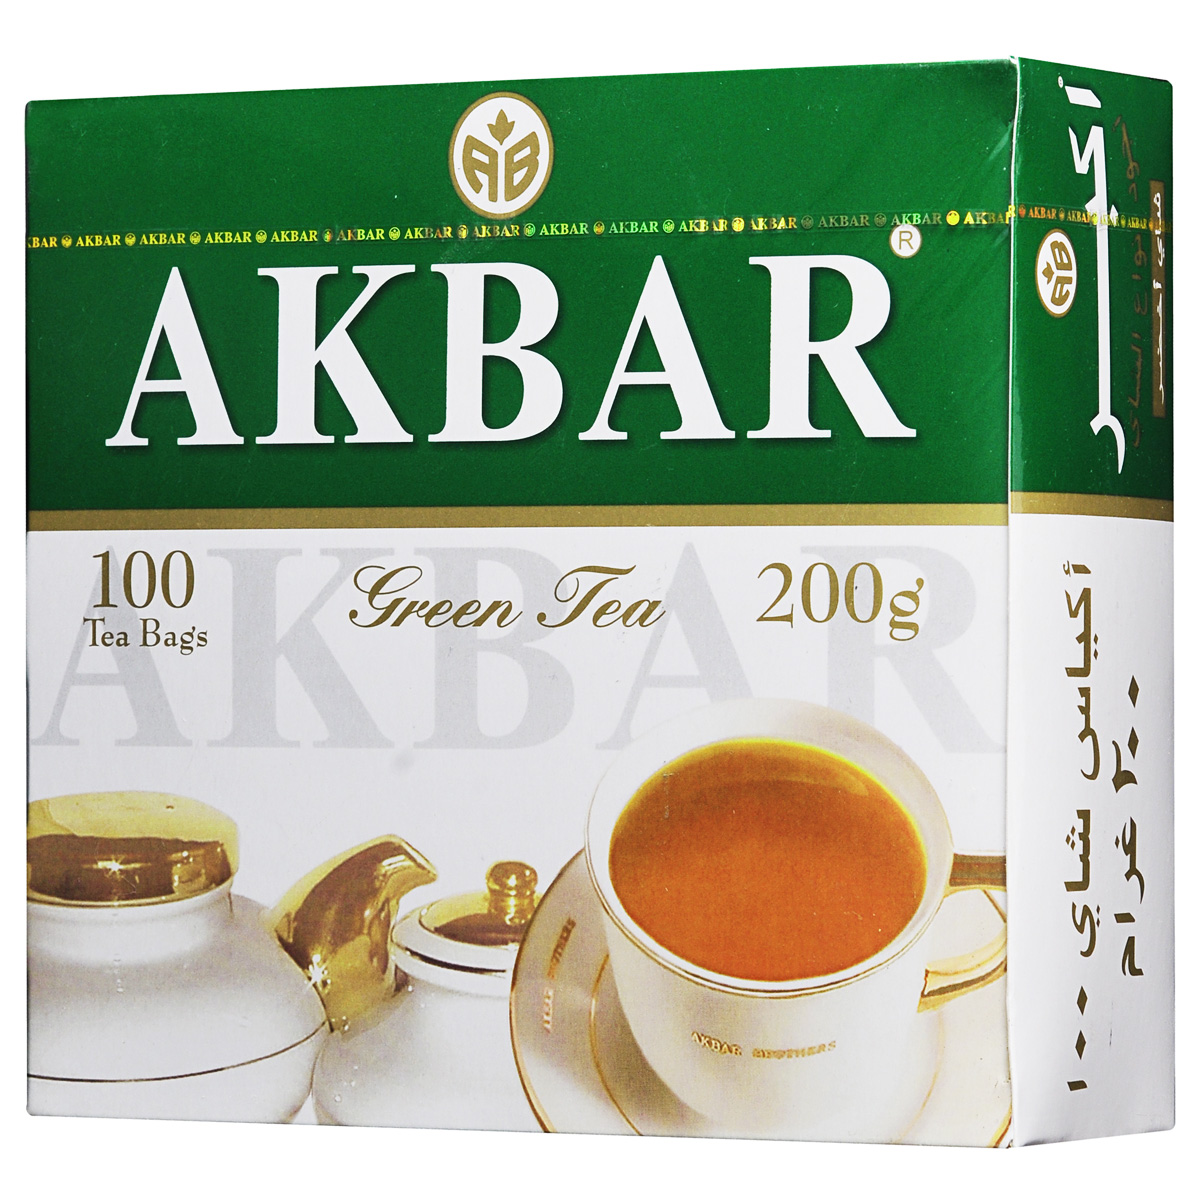 Akbar Green зеленый чай в пакетиках, 100 шт1041229У сторонников здорового образа жизни, столь популярного в мире в наши дни, широкую известность приобрели зеленые чаи Akbar Green, которые не только отличаются своим оригинальным вкусом и ароматом, но и оказывают на человека благотворное стимулирующее влияние, придают ему силу, энергию и бодрость духа.Известно, что чай содержит множество витаминов и полезных веществ, способствующих укреплению здоровья и процессу омолаживания организма человека. Поэтому компания «Akbar Brothers» максимально использует его природные оздоровительные свойства в своей продукции.